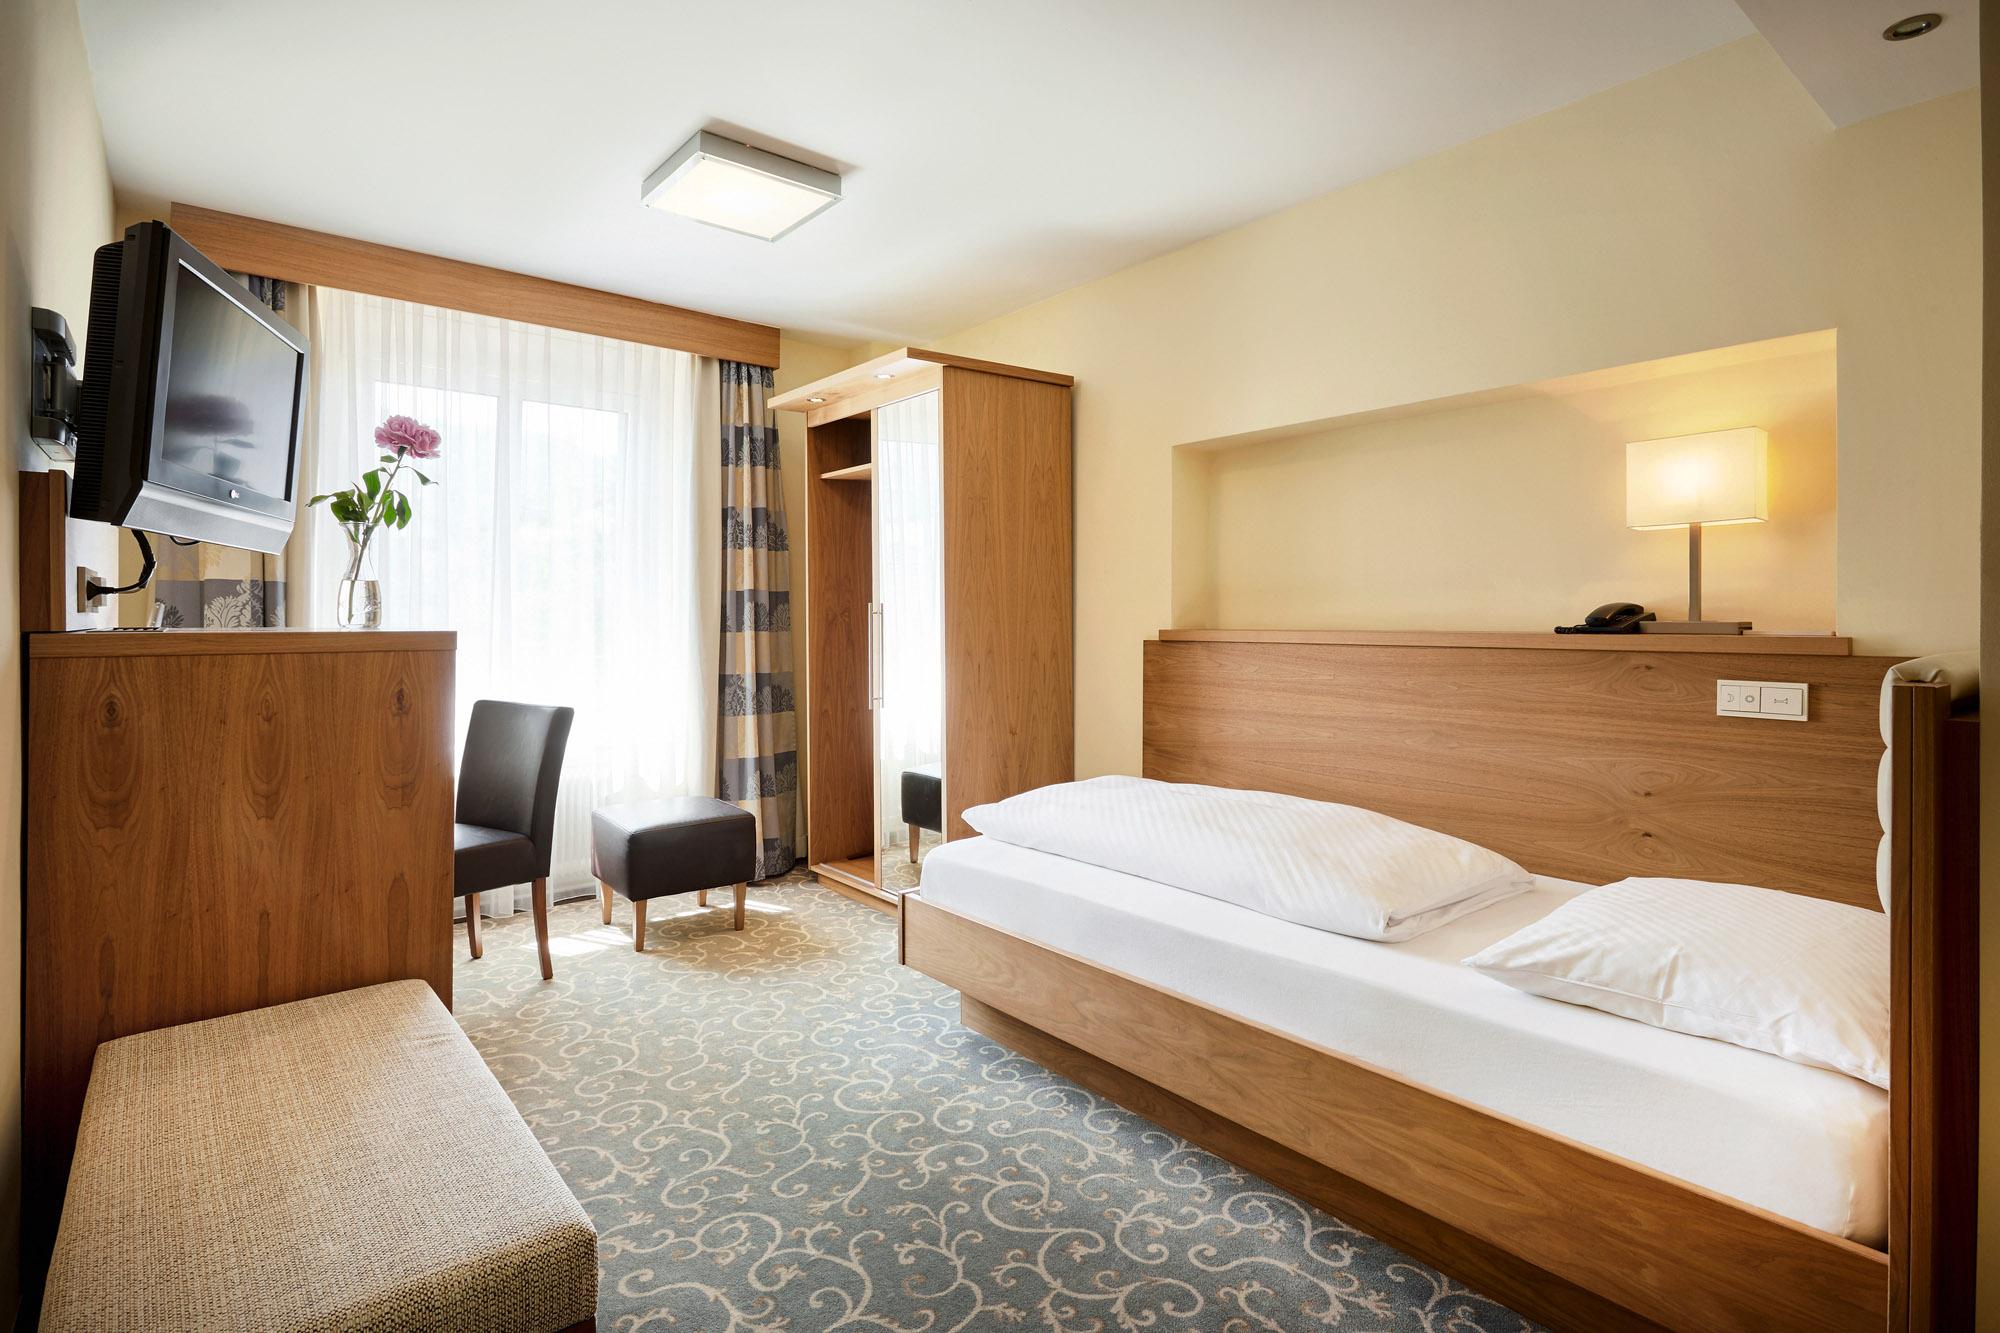 Einzelzimmer Classic ab € 82,25 pro Nacht inklusive Frühstück & Ortstaxe